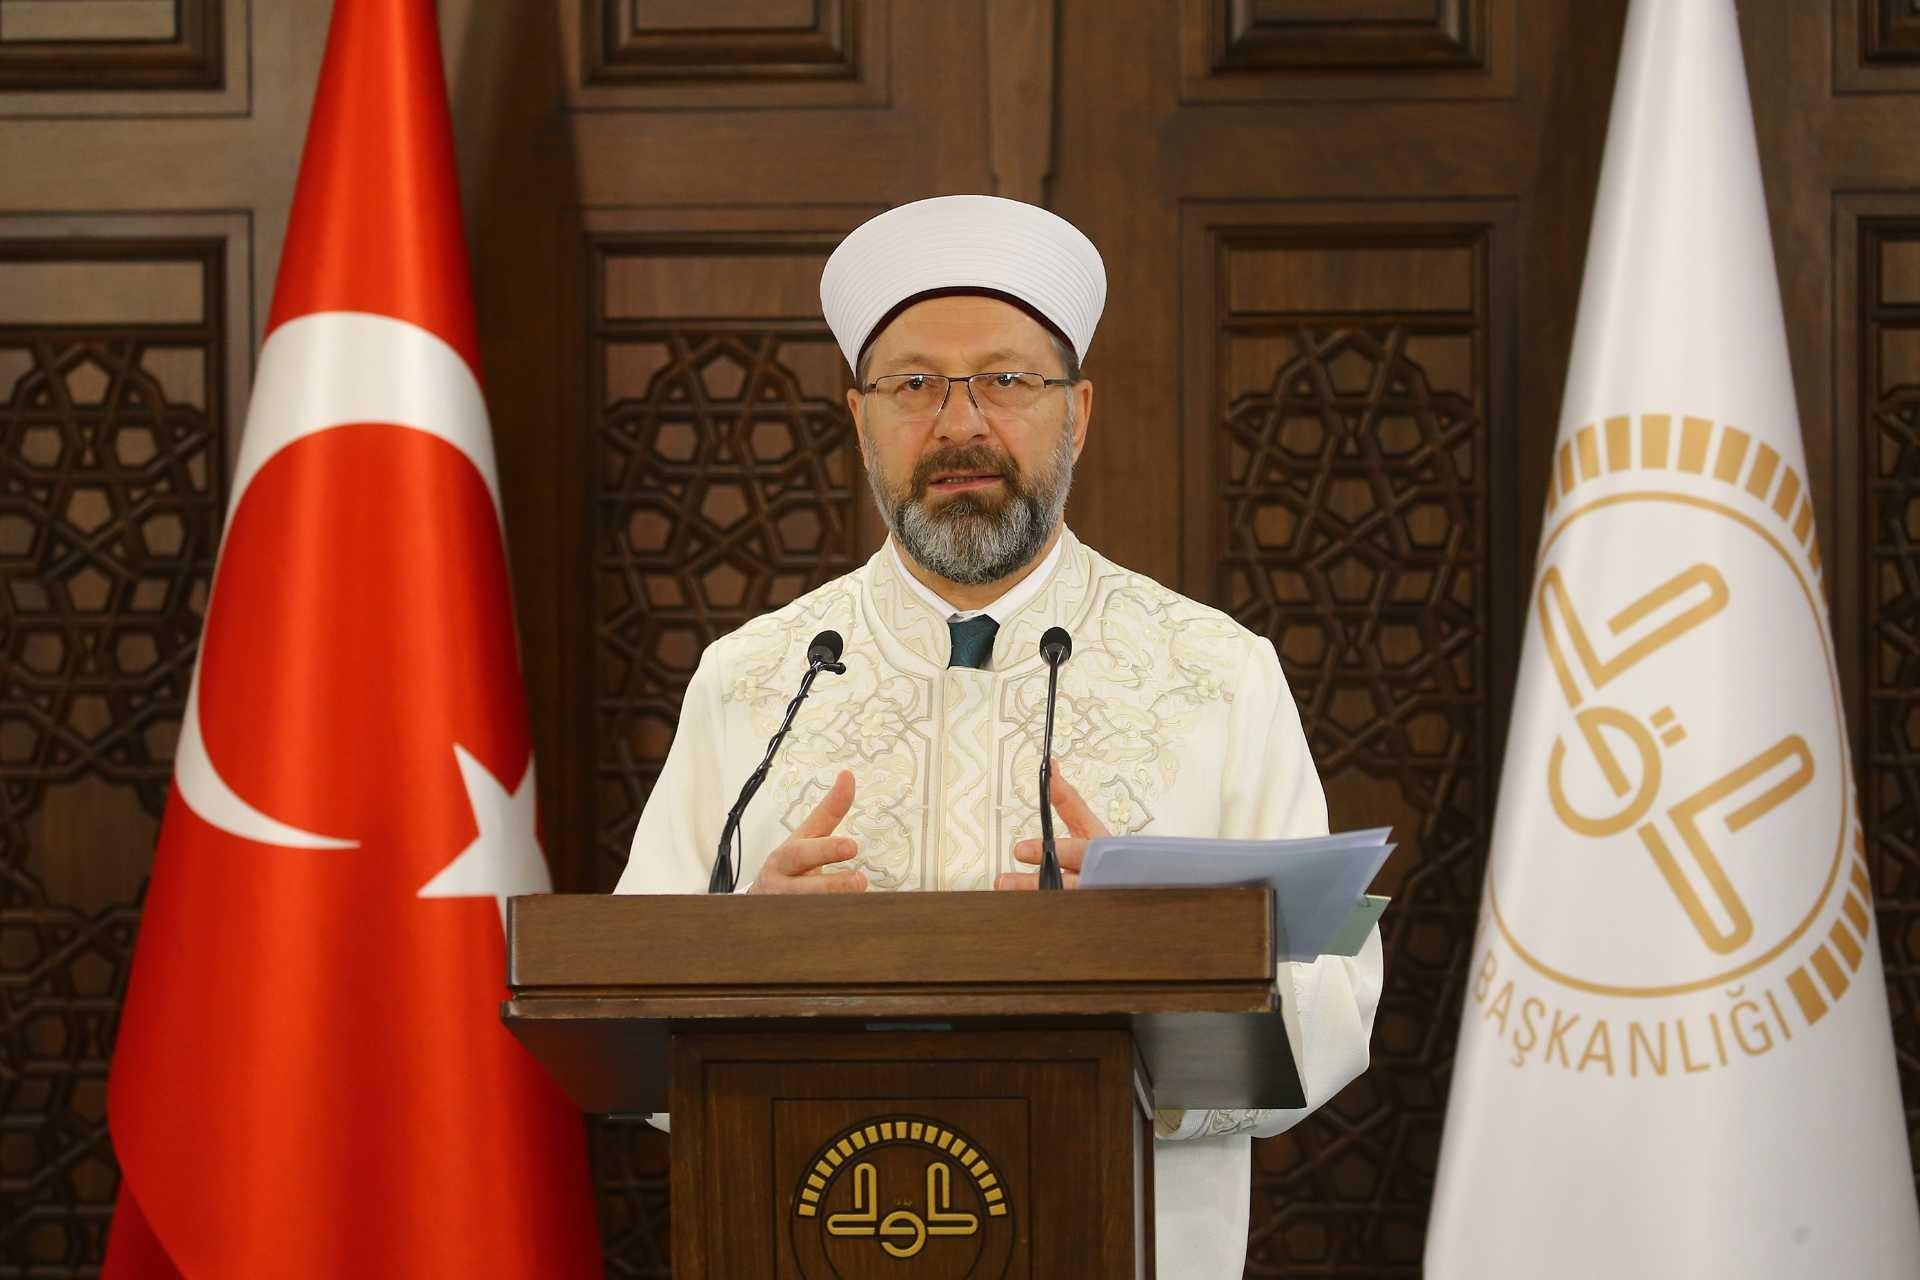 Diyanet İşleri Başkanı Ali Erbaş, koronavirüs ile ilgili alınan önlemlere dair açıklama yaptı.